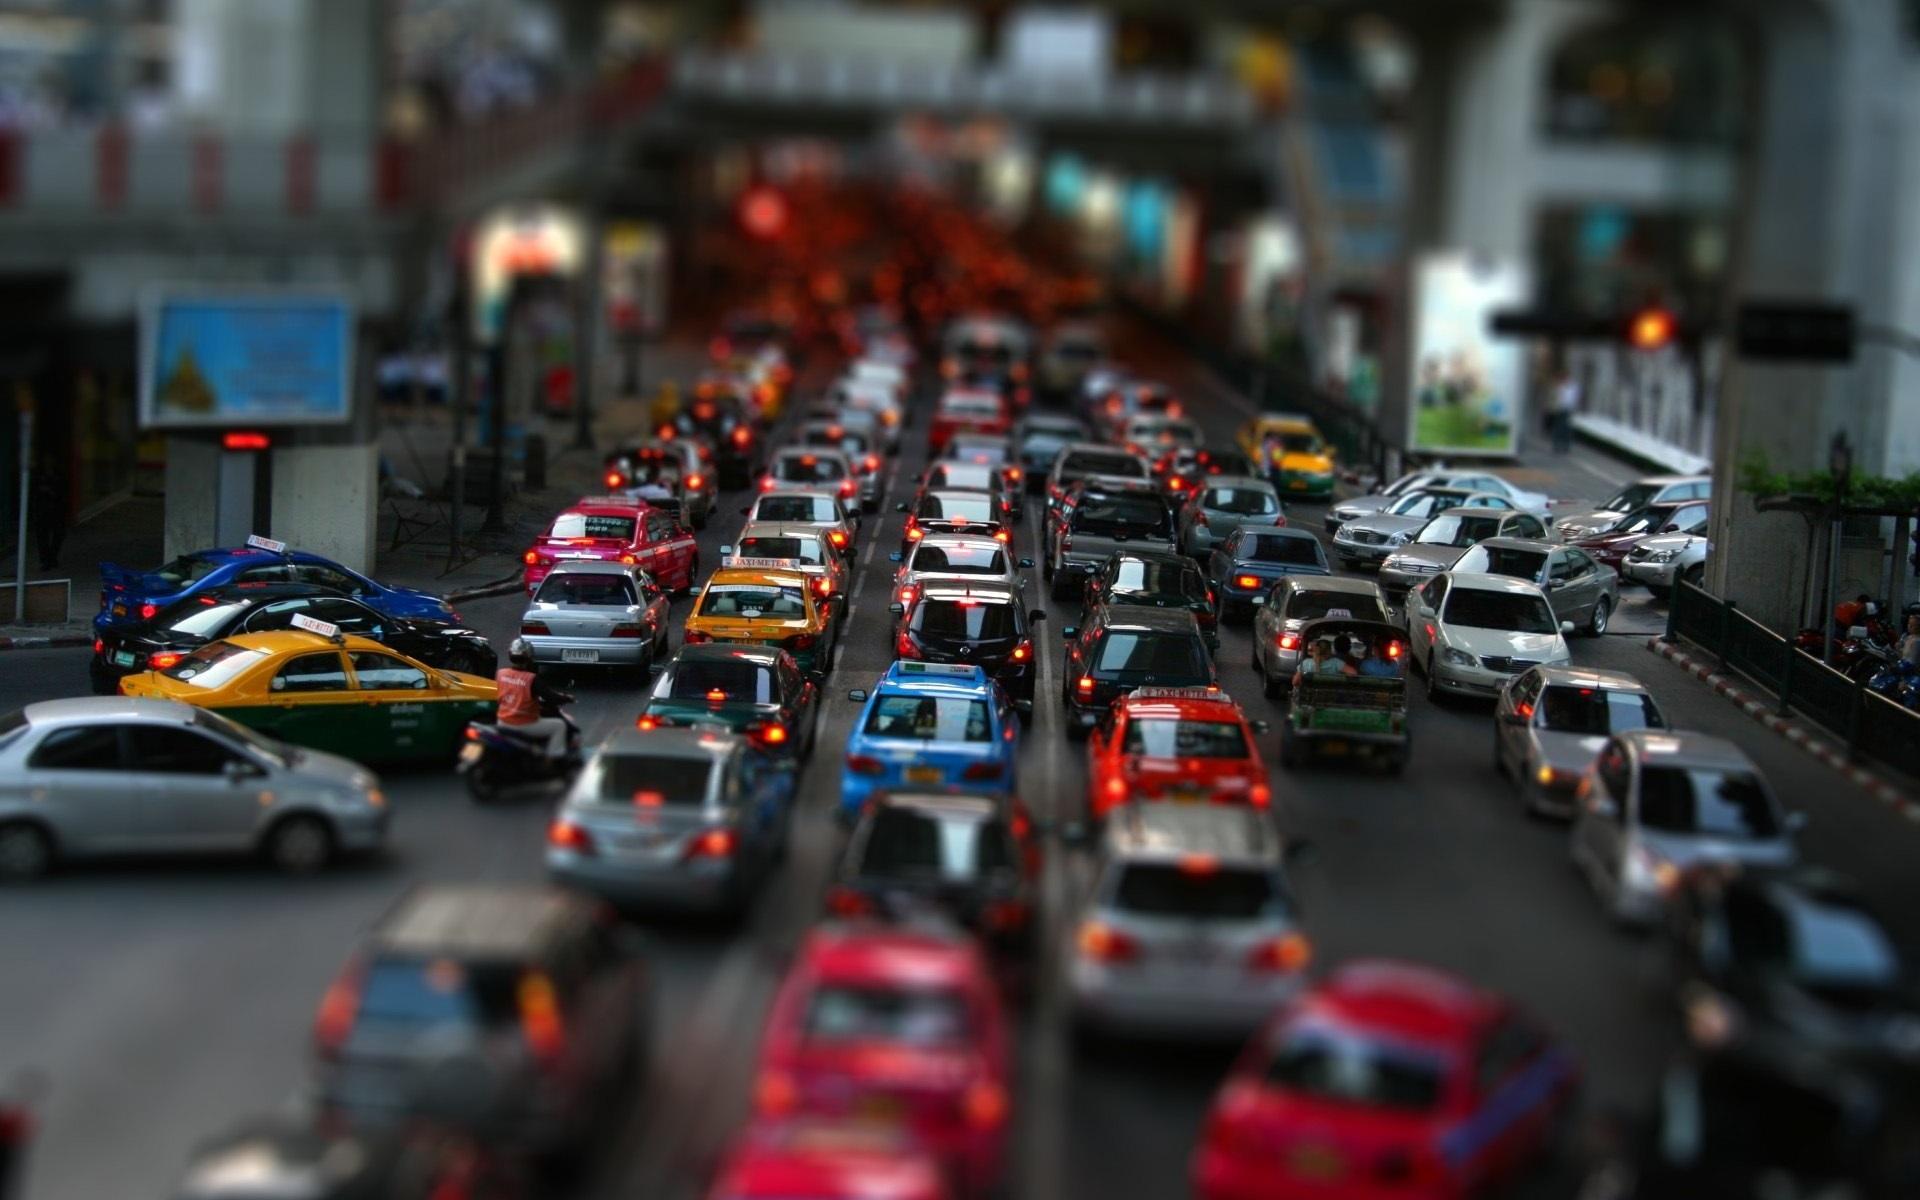 Download Wallpaper 1920x1200 Street Car Traffic Jam HD